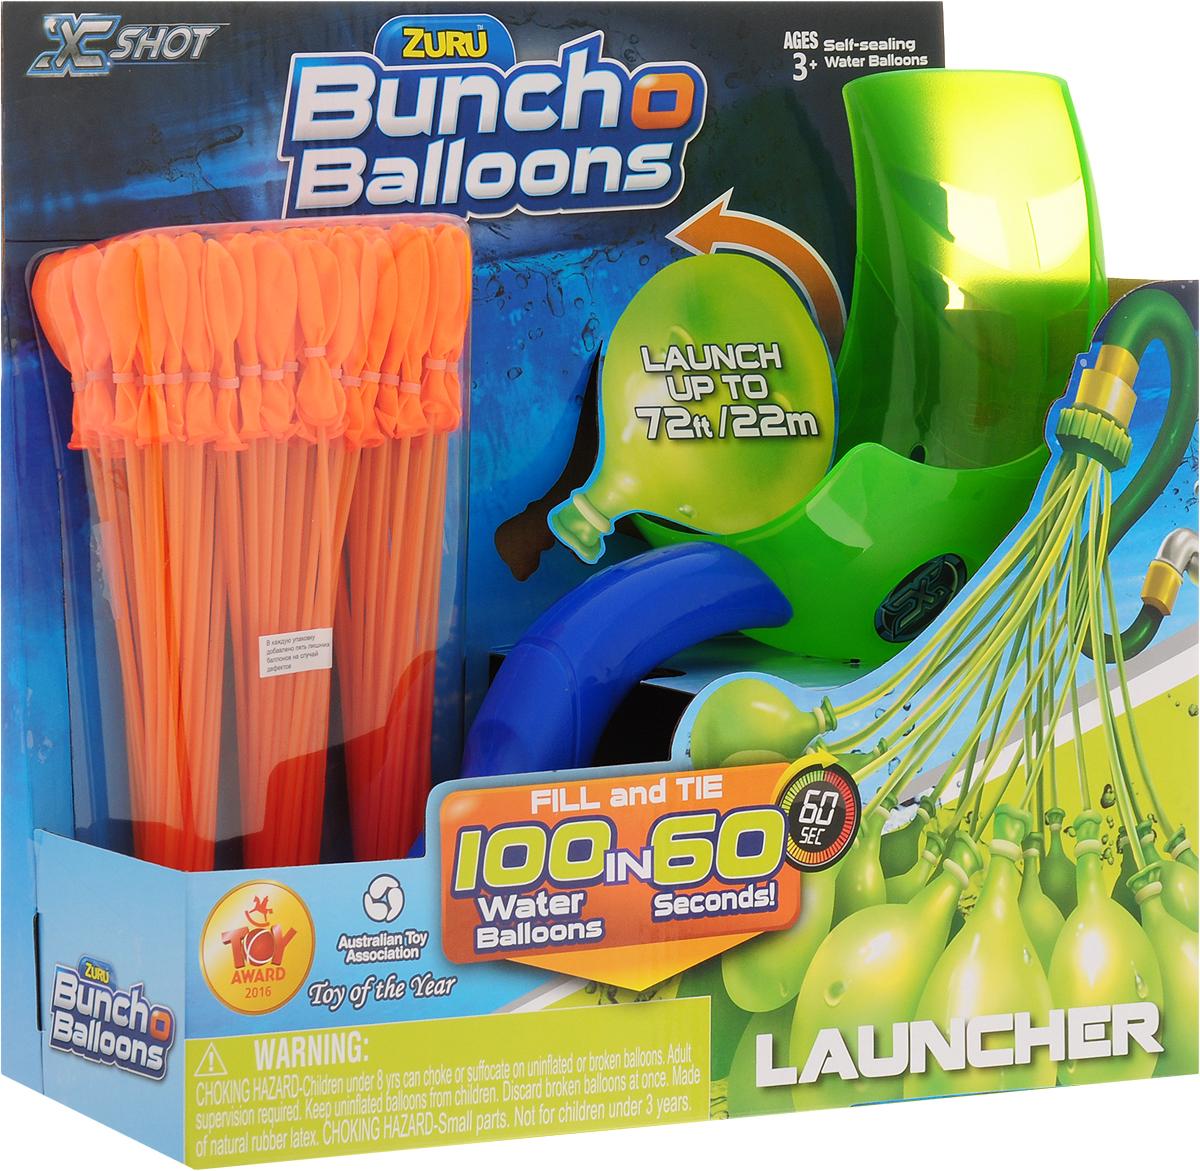 Zuru Водяное оружие Bunch O Balloons с пусковым устройством цвет зеленый оранжевый игровой набор bunch o balloons zuru стартовый набор миньоны из 100 шаров z5653